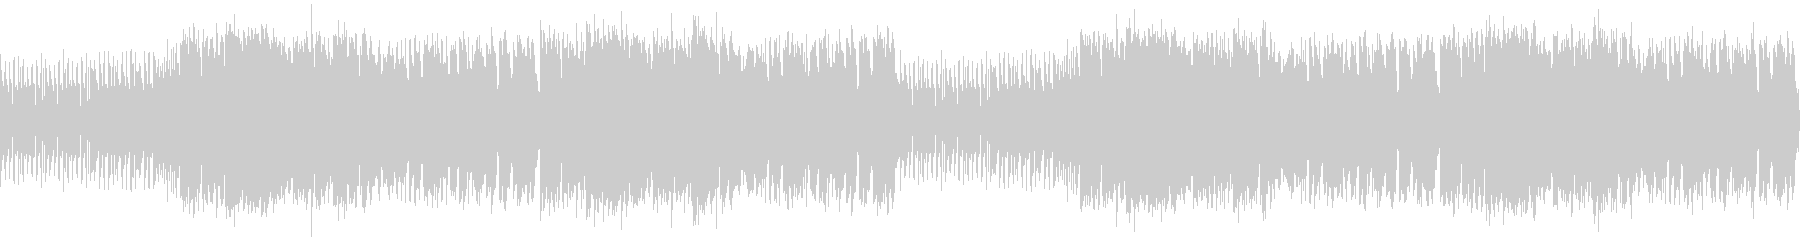 スピード感 躍動的サックスジャズビート の未再生の波形